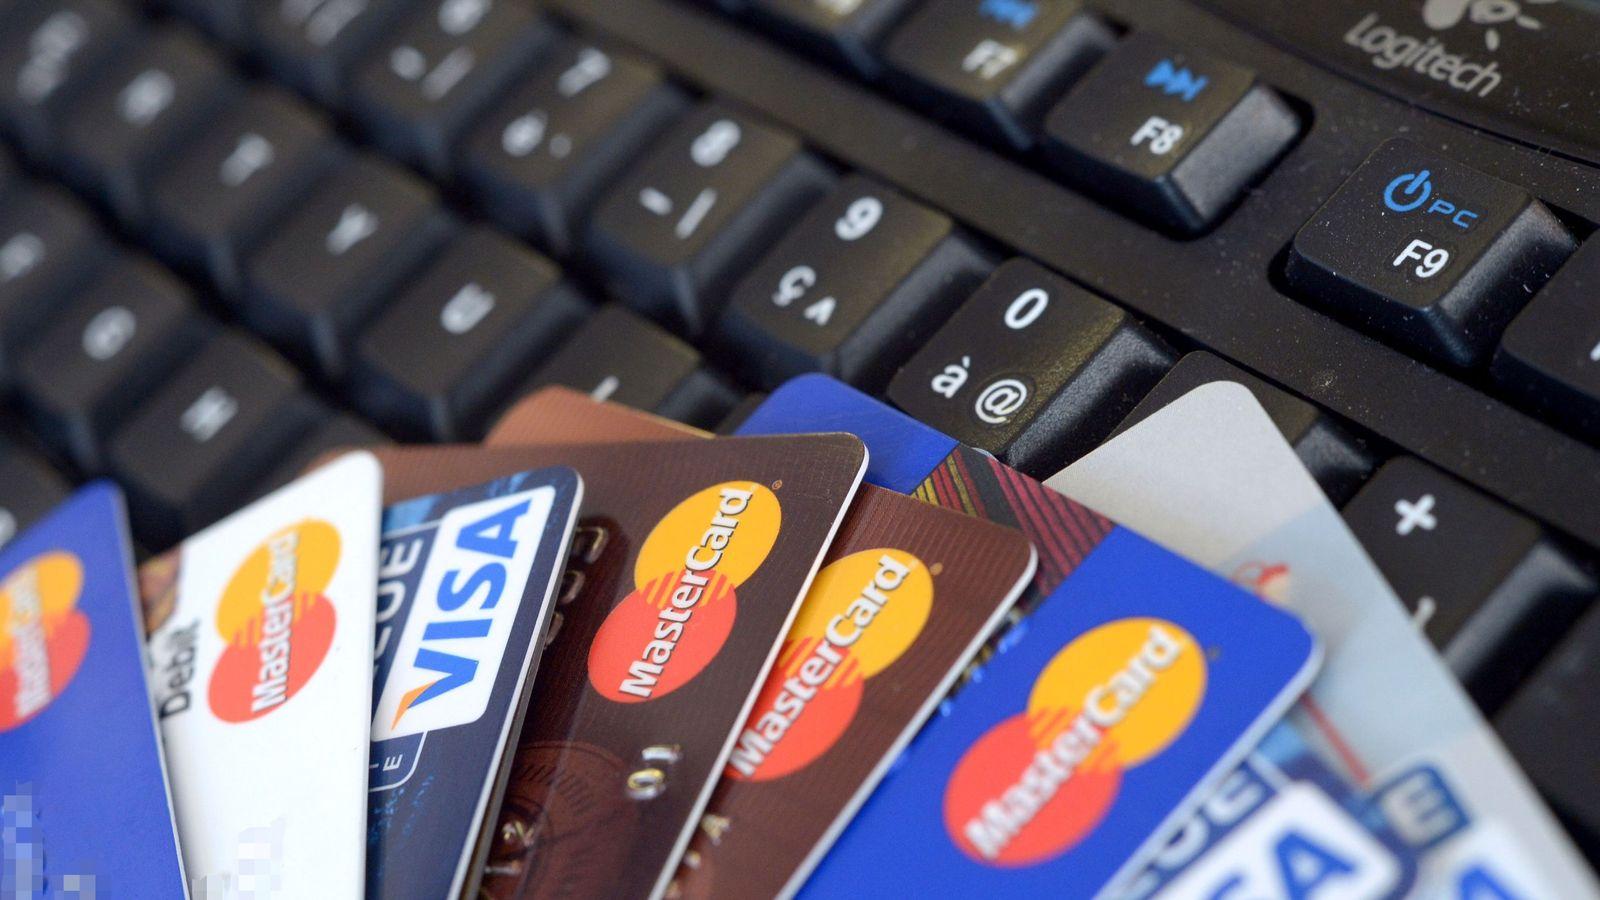 夏季消费狂欢由信用卡资助 - 英国金融